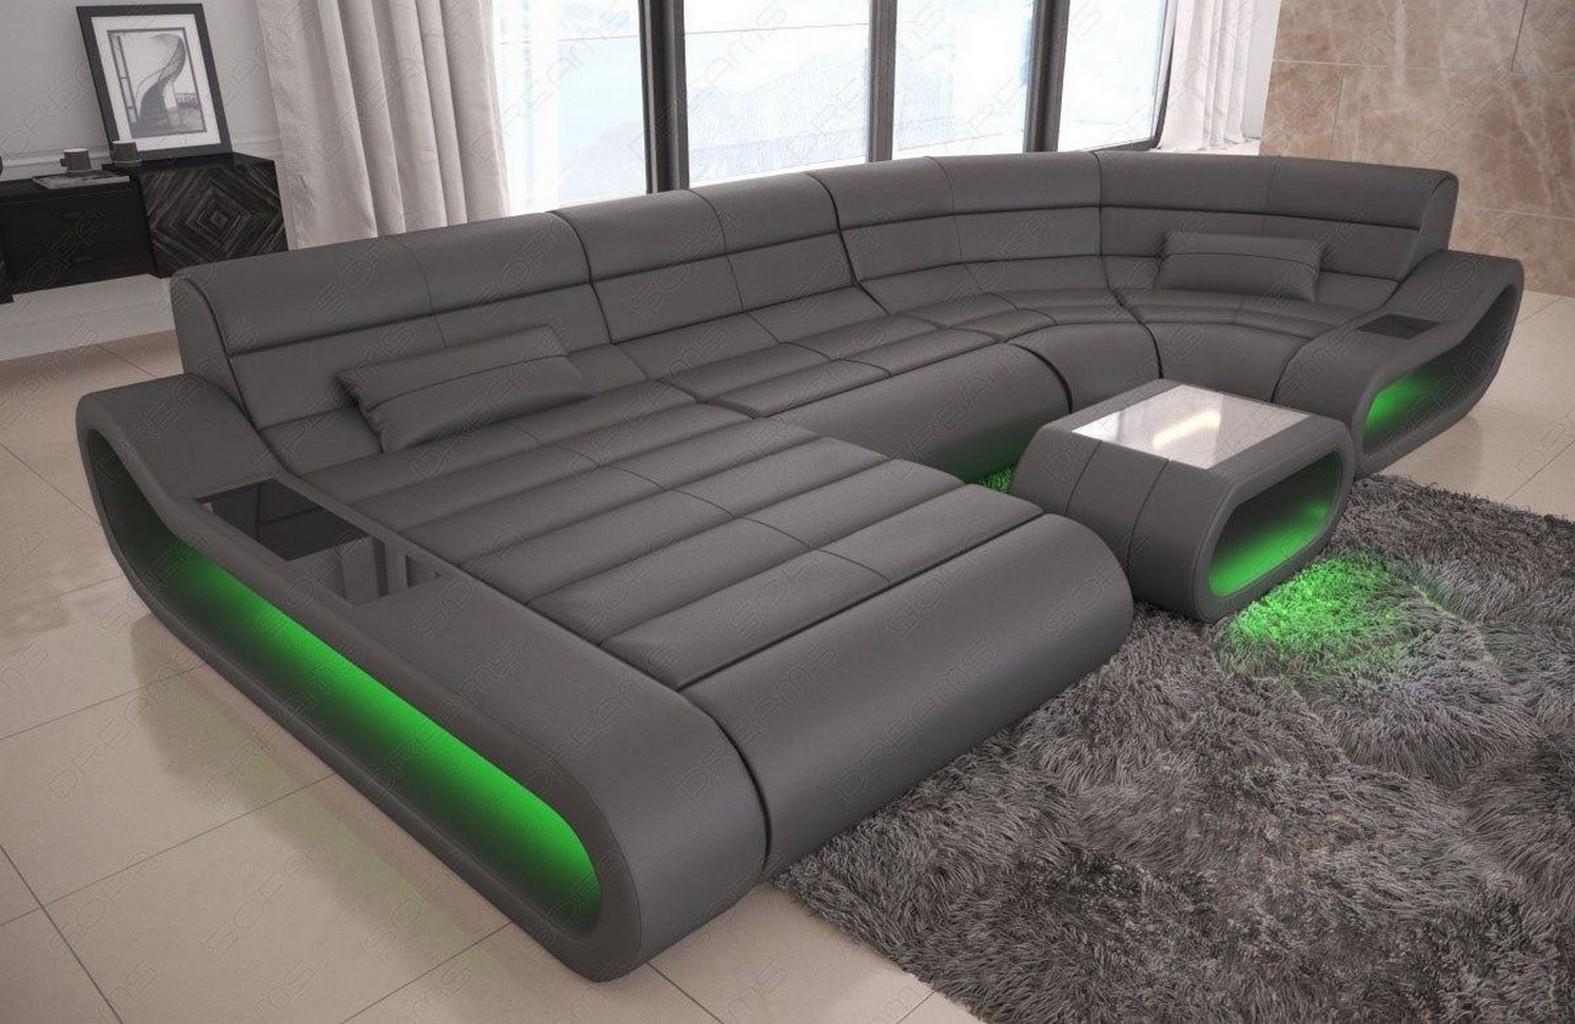 Leder couch sofa design wohnlandschaft grau ottomane for Couch grau u form